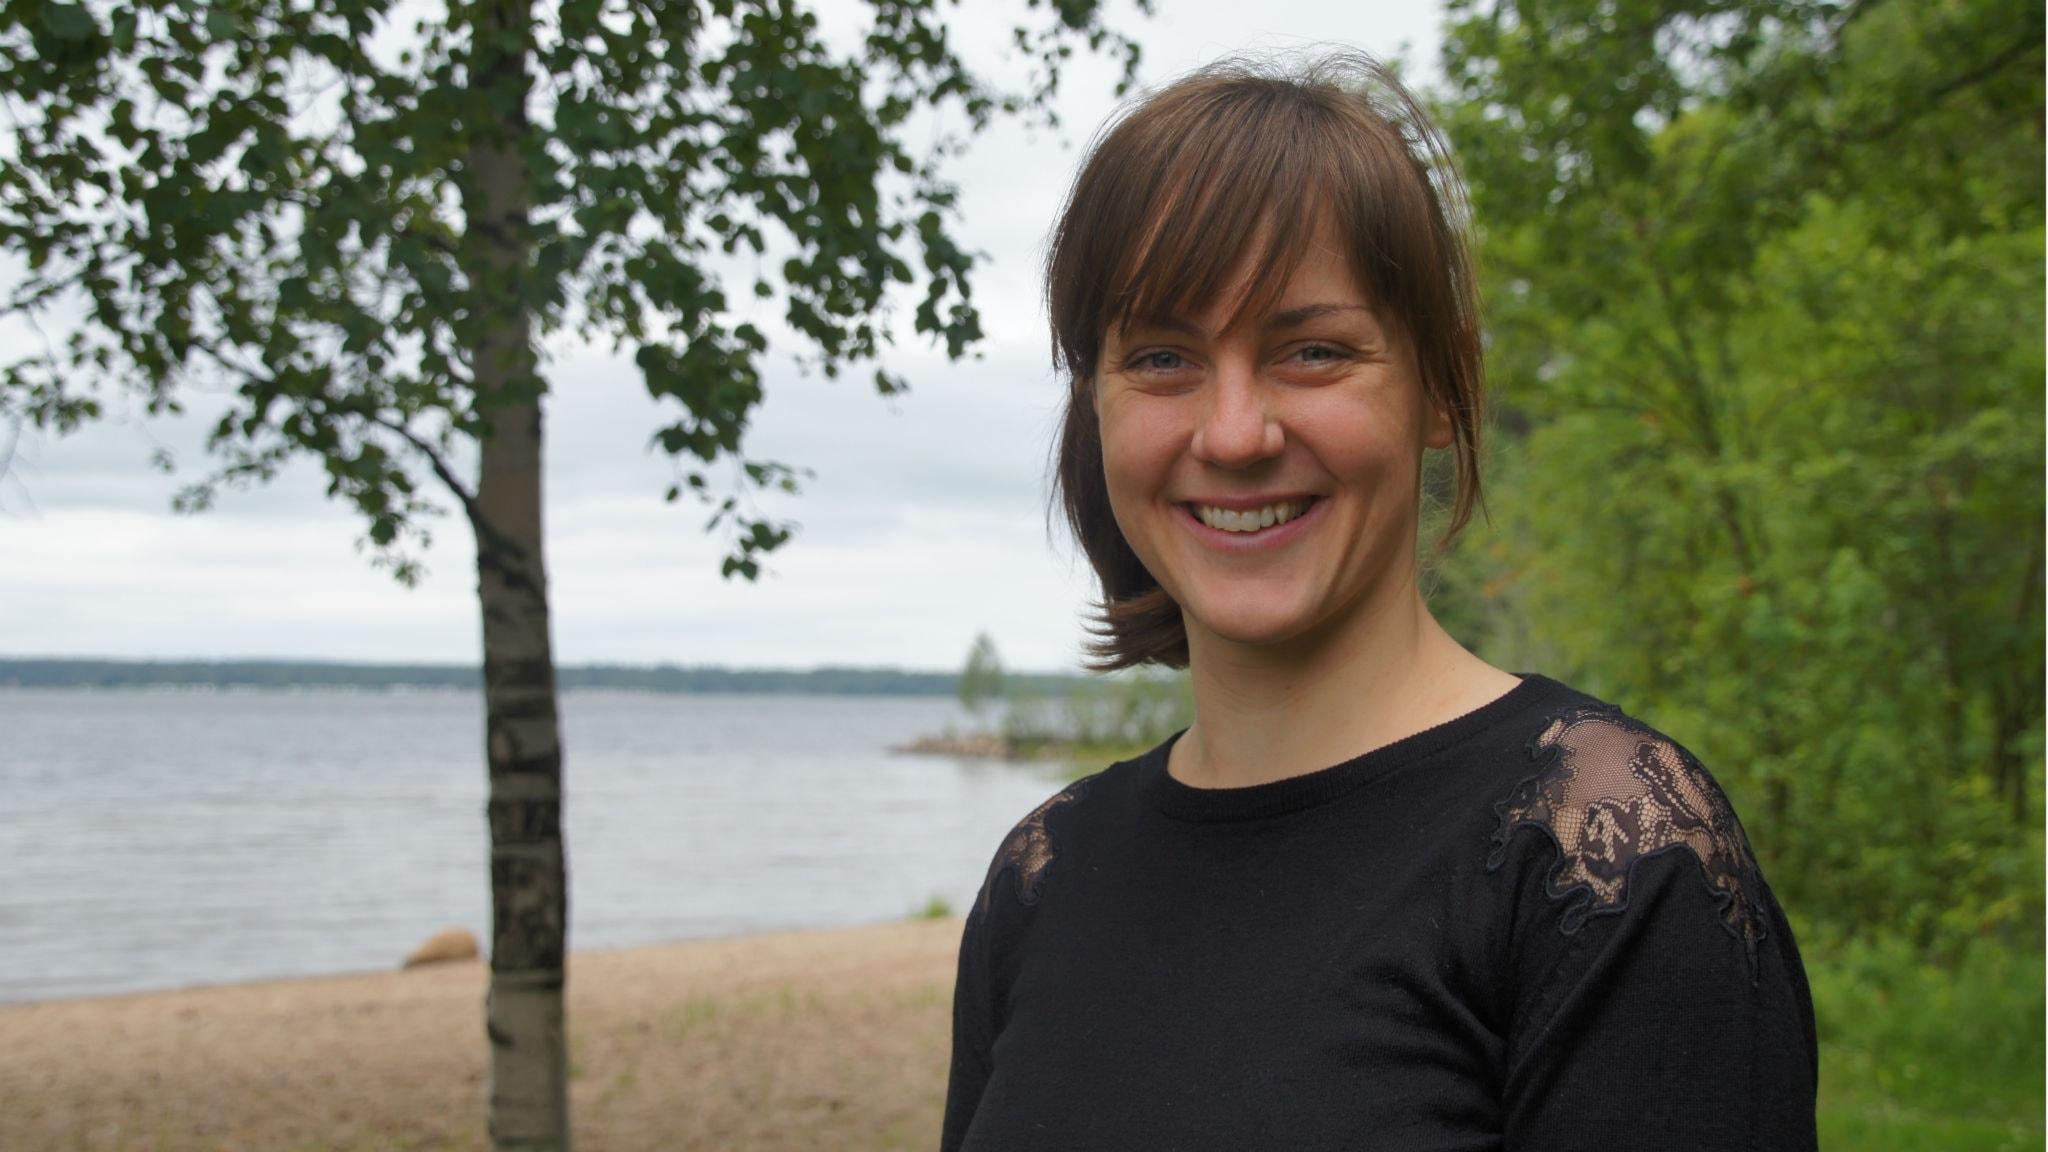 Mirjana Petrova: Laulaminen on parasta mitä tiedän